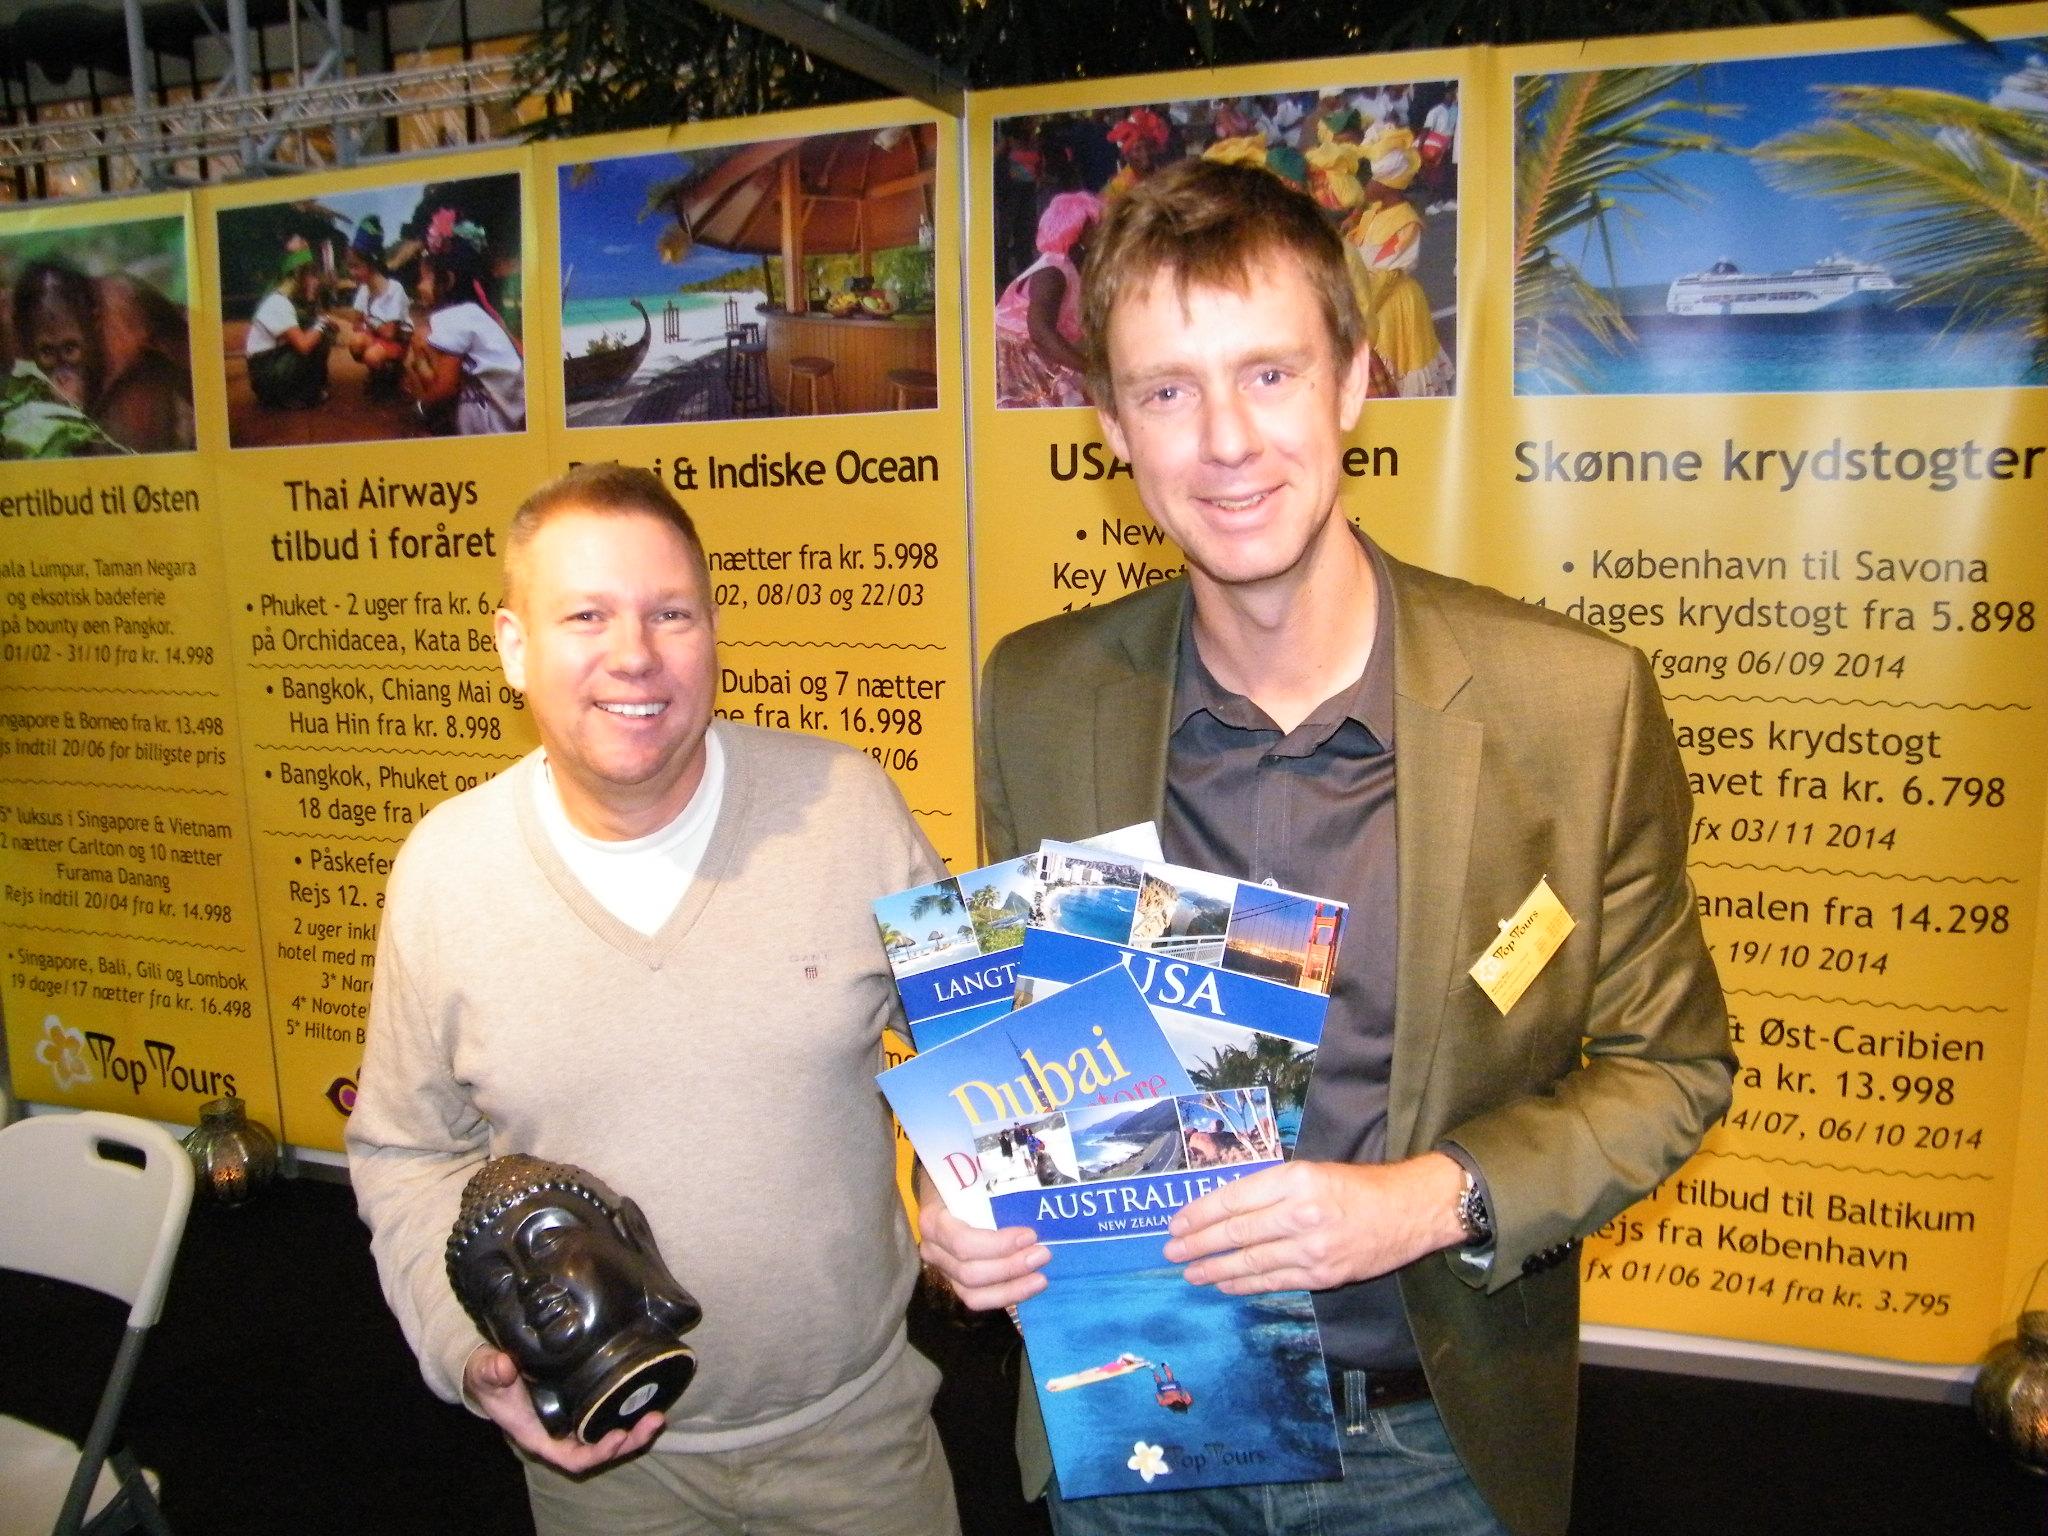 Bjarne Lundahl, til venstre, og Martin Bisp har i snart 20 år været partnere i Top Tours. Nu har Martin Bisp købt sin partner ud og fortsætter rejsebureauet alene. Arkivfoto: Preben Pathuel.